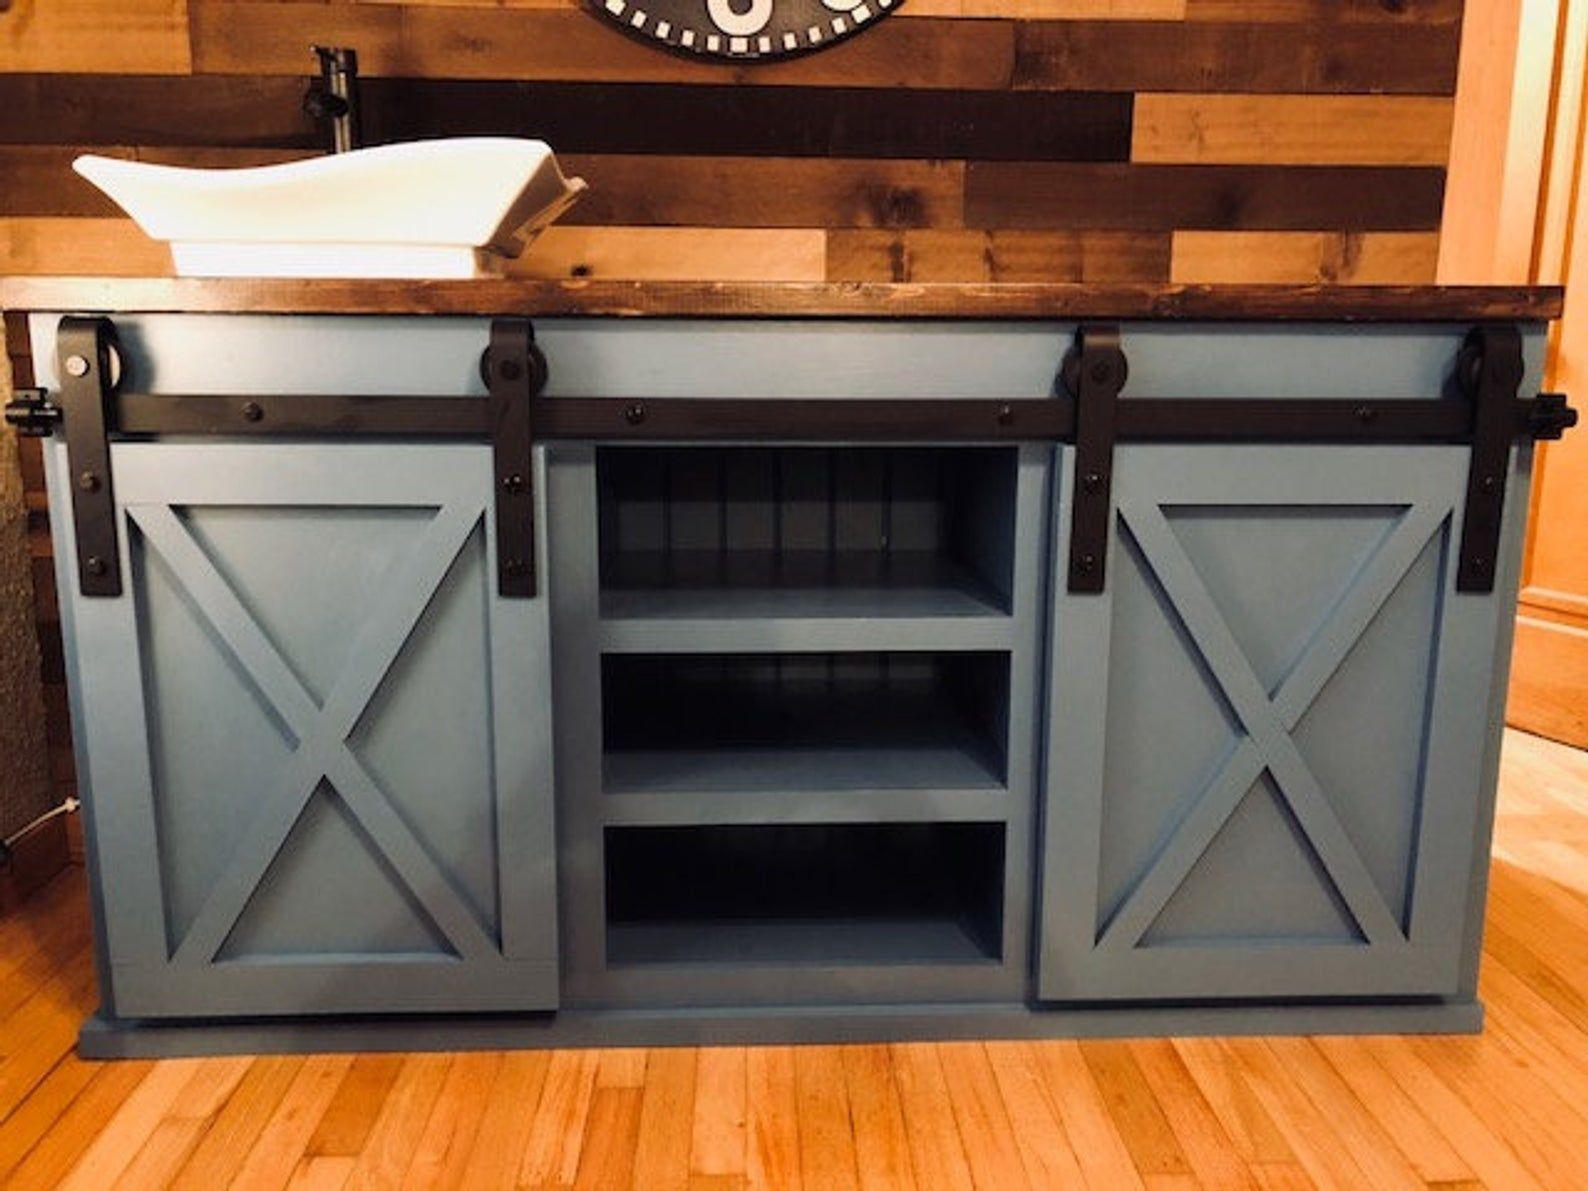 Barn Door Bathroom Vanity Free Shipping Etsy Furniture Giveaway Home Interior Barn Doors [ 1191 x 1588 Pixel ]